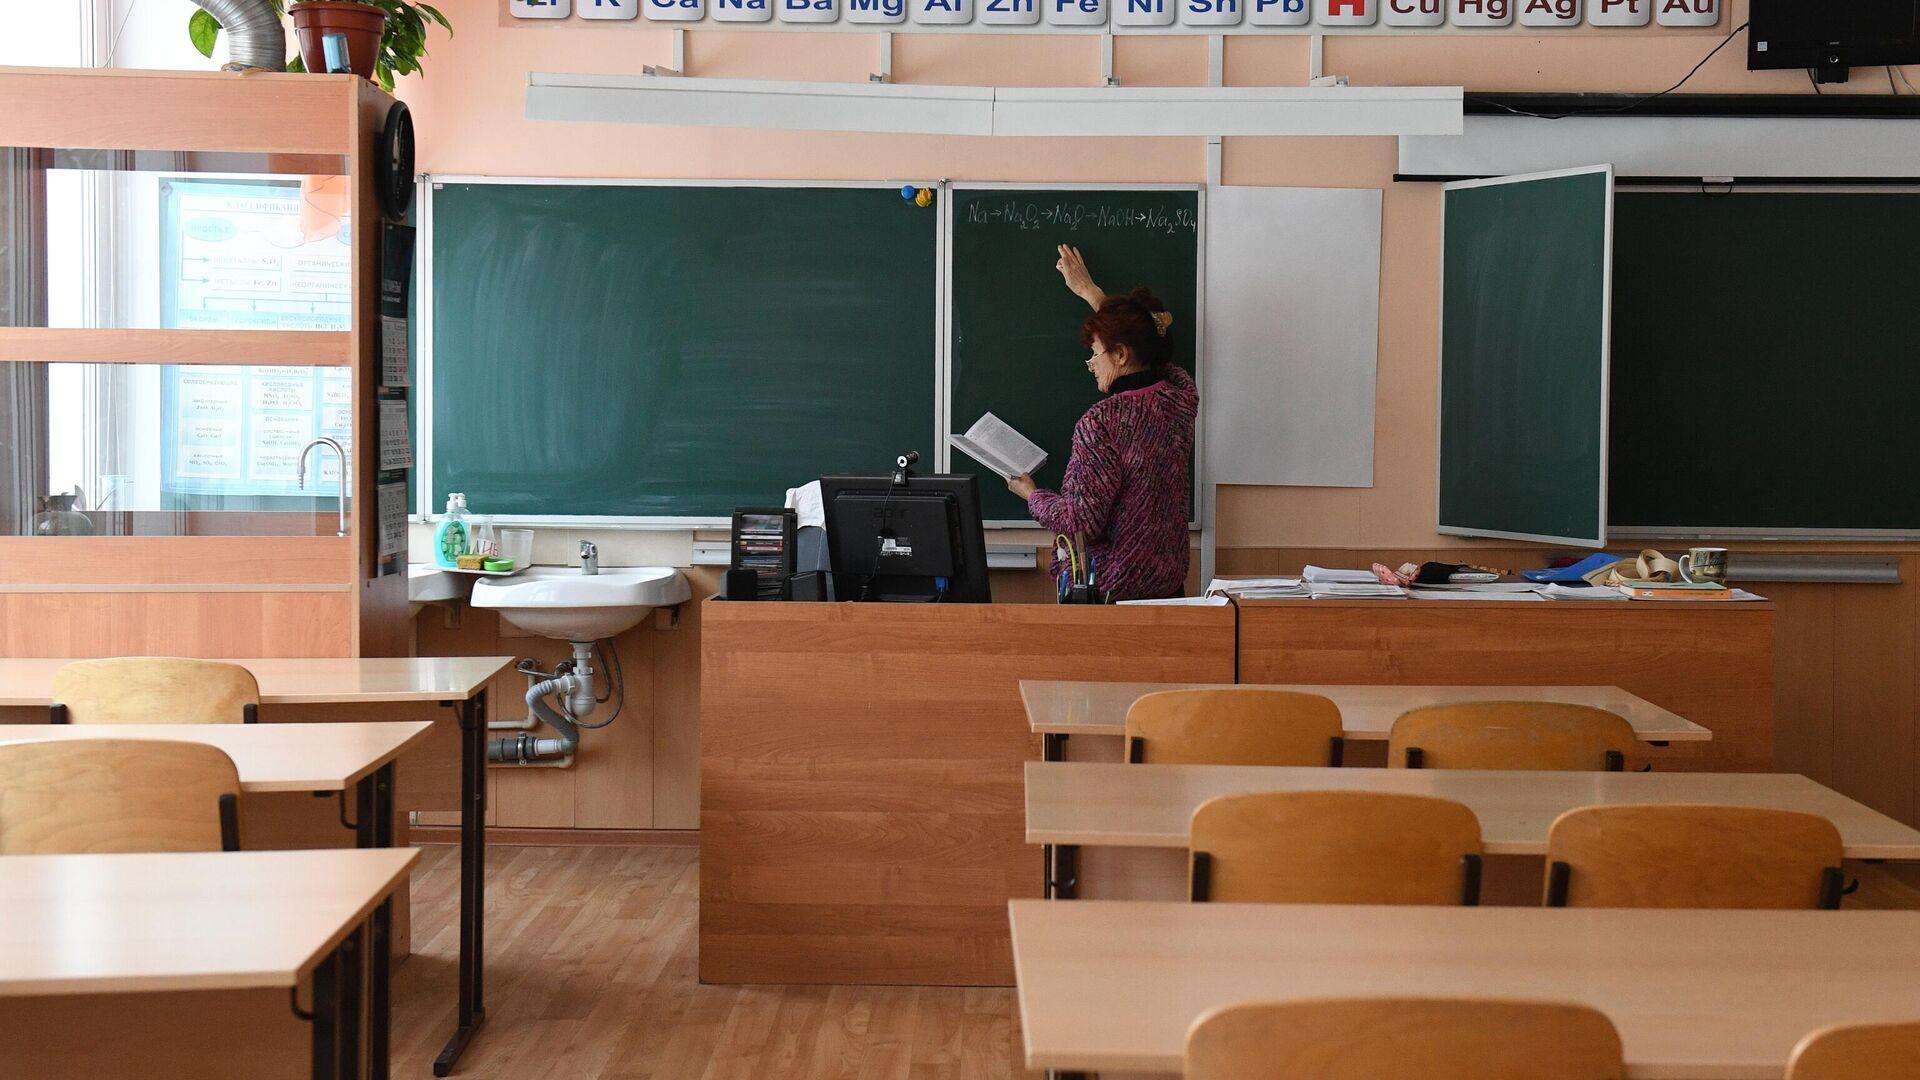 Учитель химии готовится к дистанционному уроку в гимназии №15 Новосибирска - РИА Новости, 1920, 05.12.2020